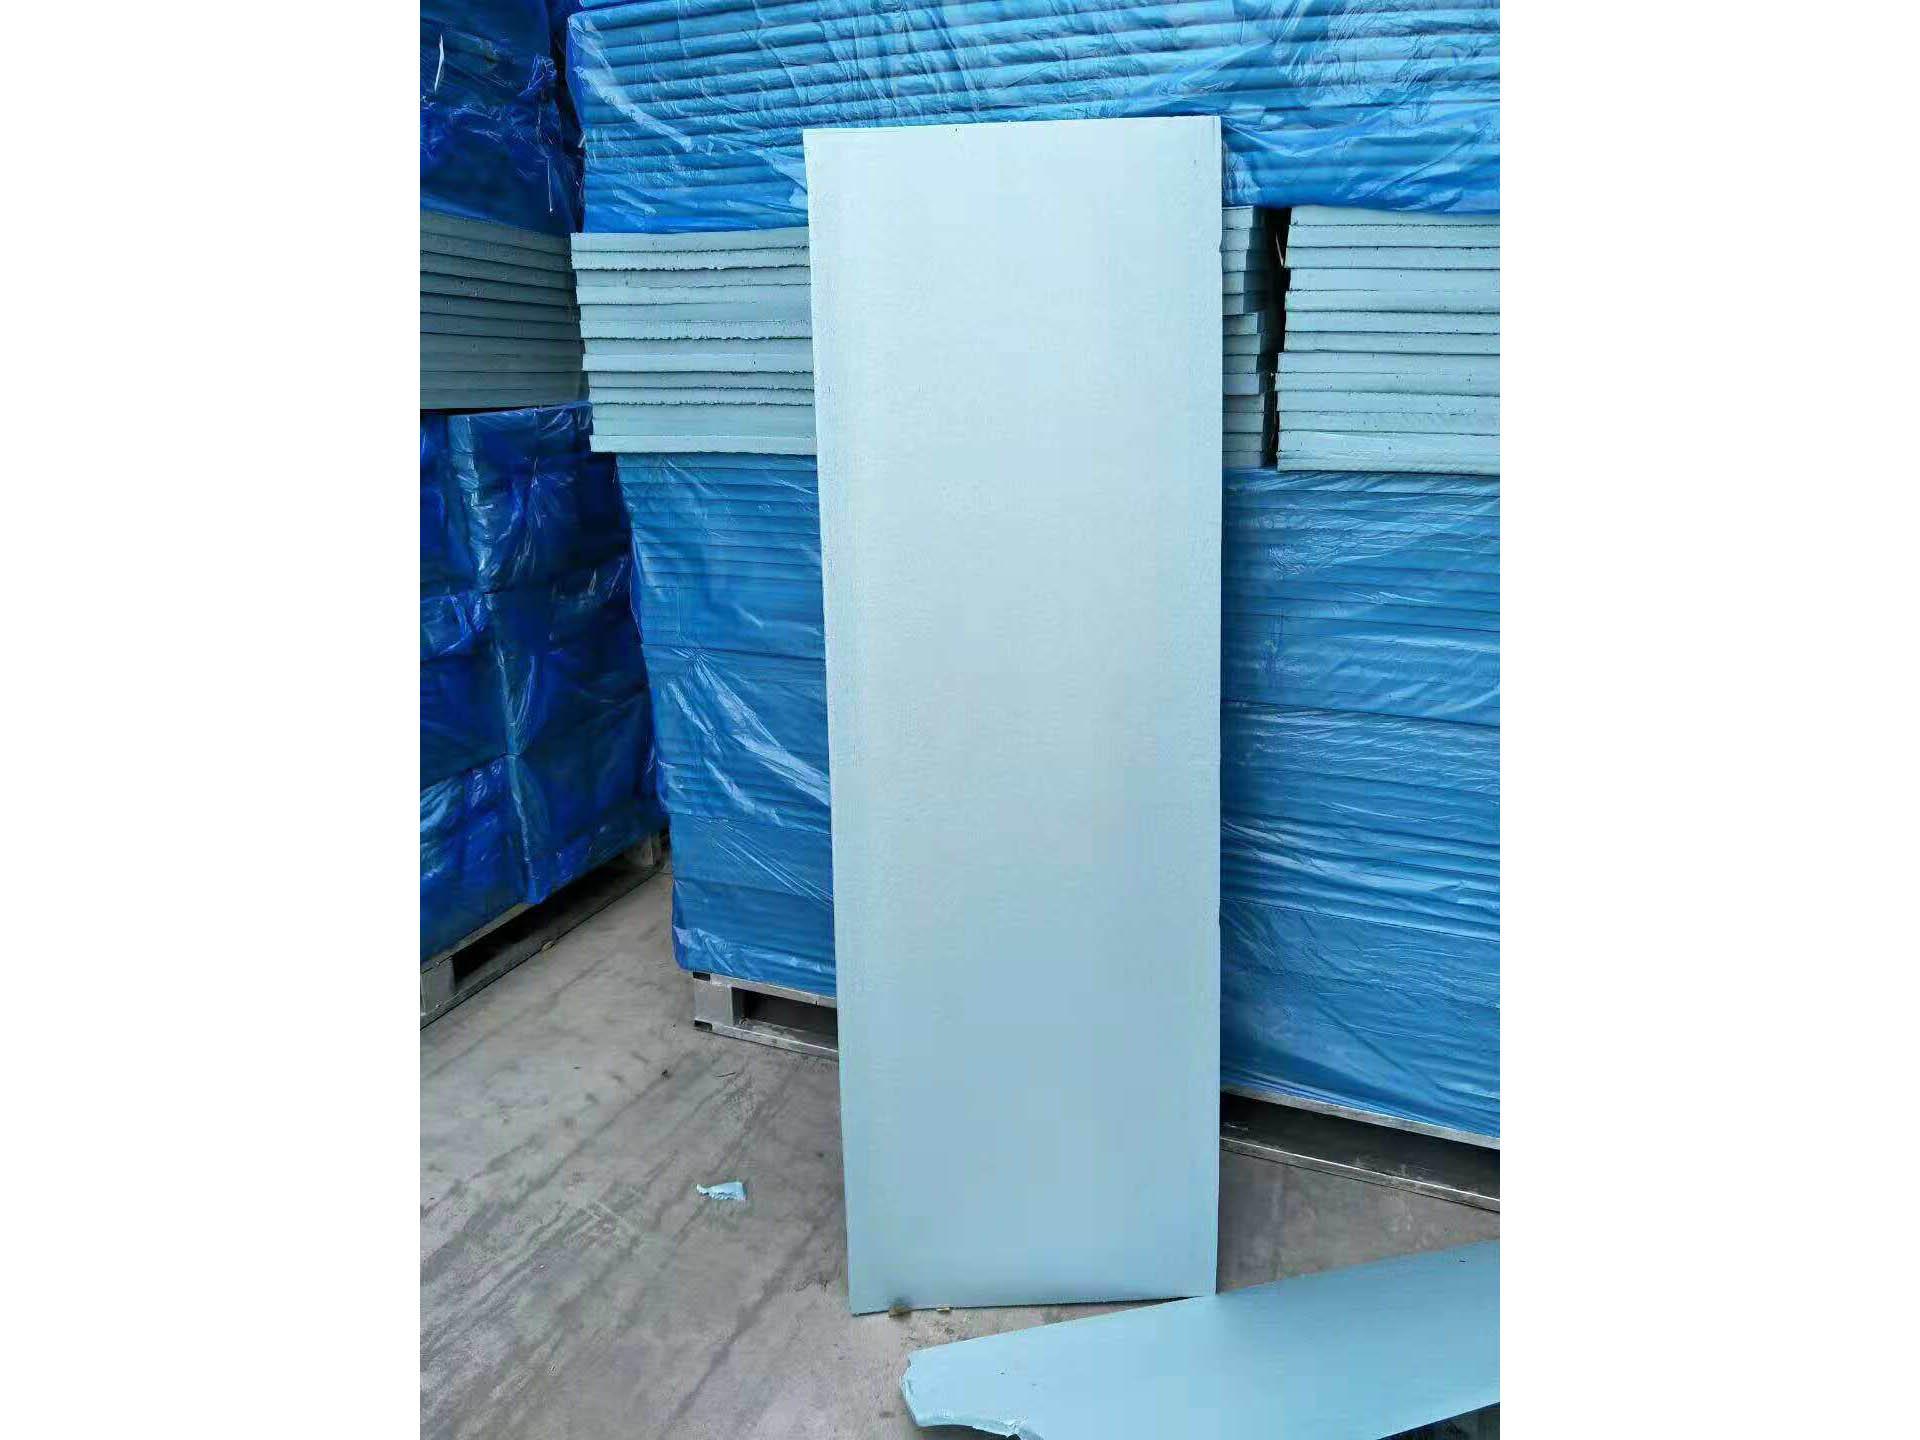 樟木头xps挤塑板厂_广东专业的xps挤塑板供应商